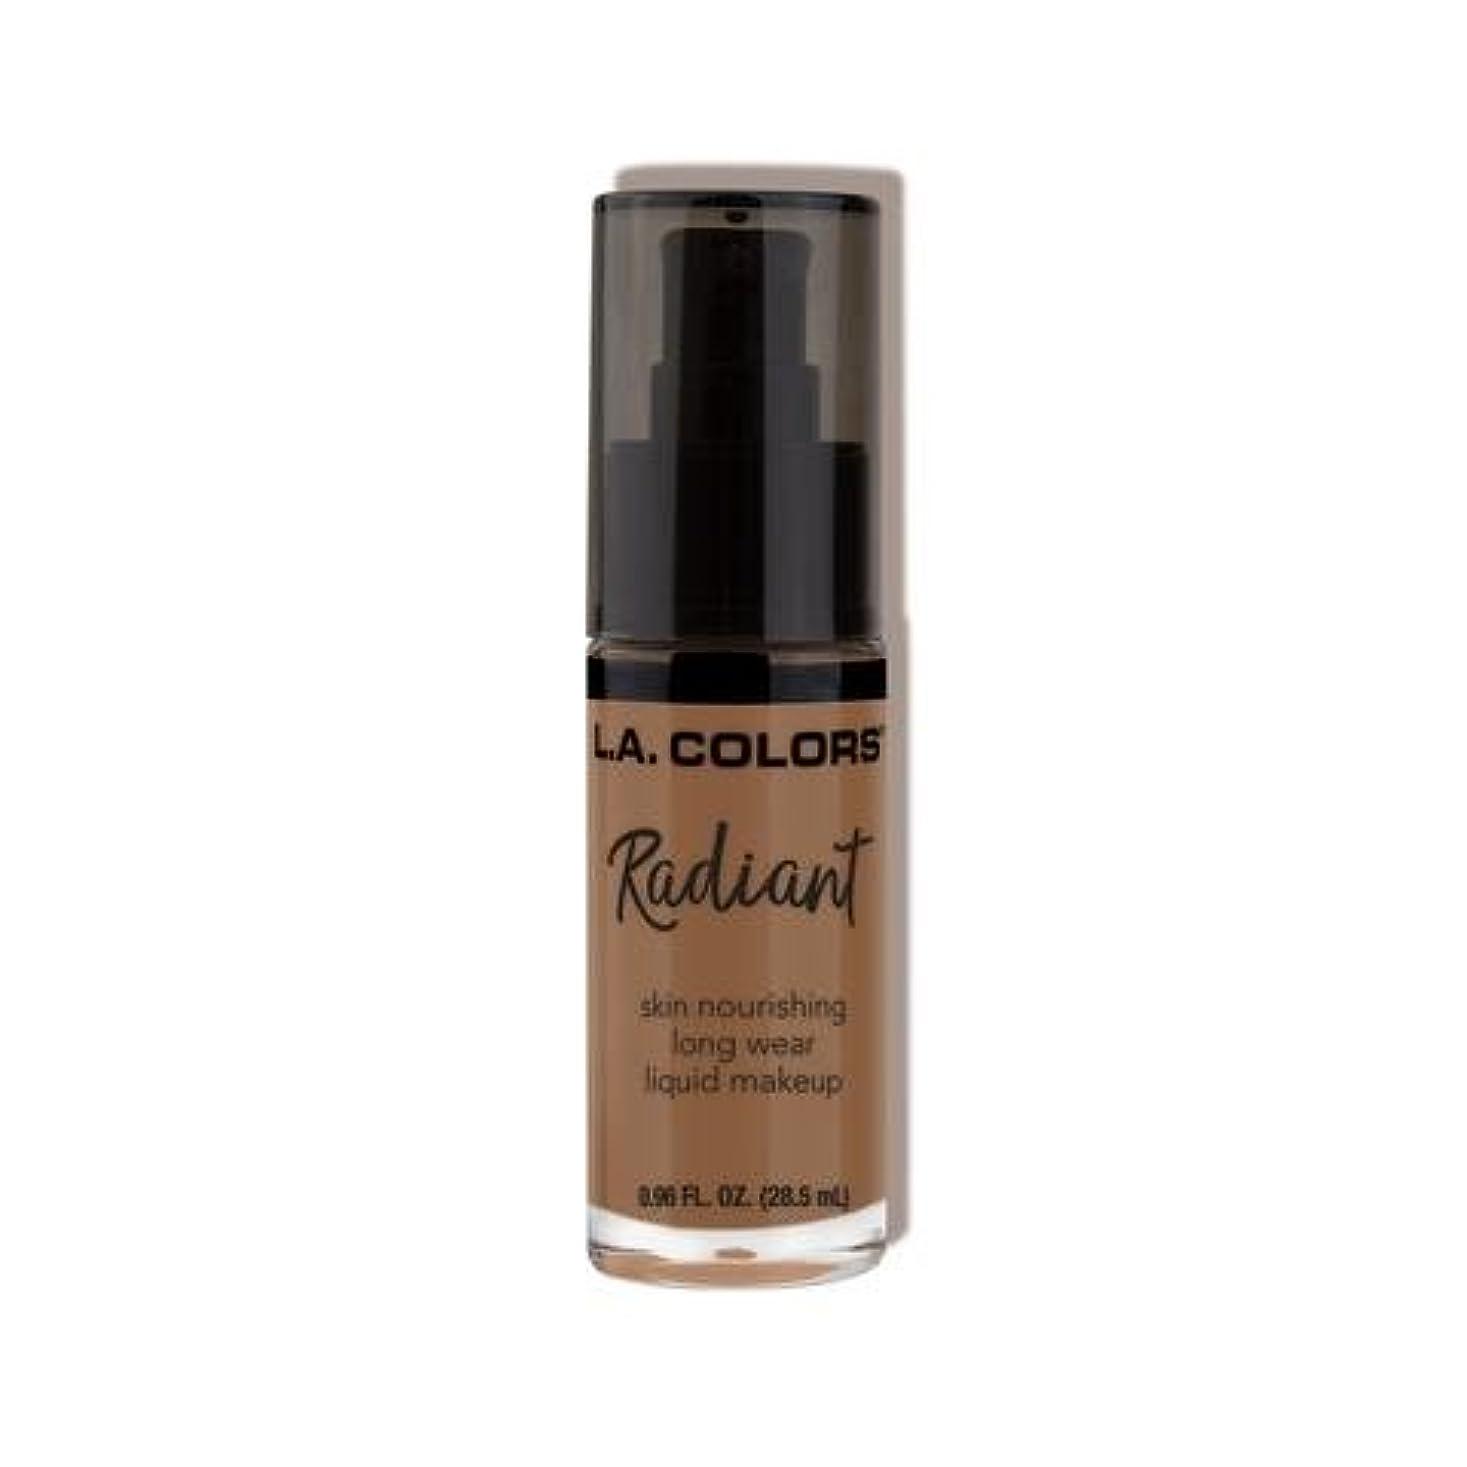 アレンジランドリー頬骨(6 Pack) L.A. COLORS Radiant Liquid Makeup - Mocha (並行輸入品)